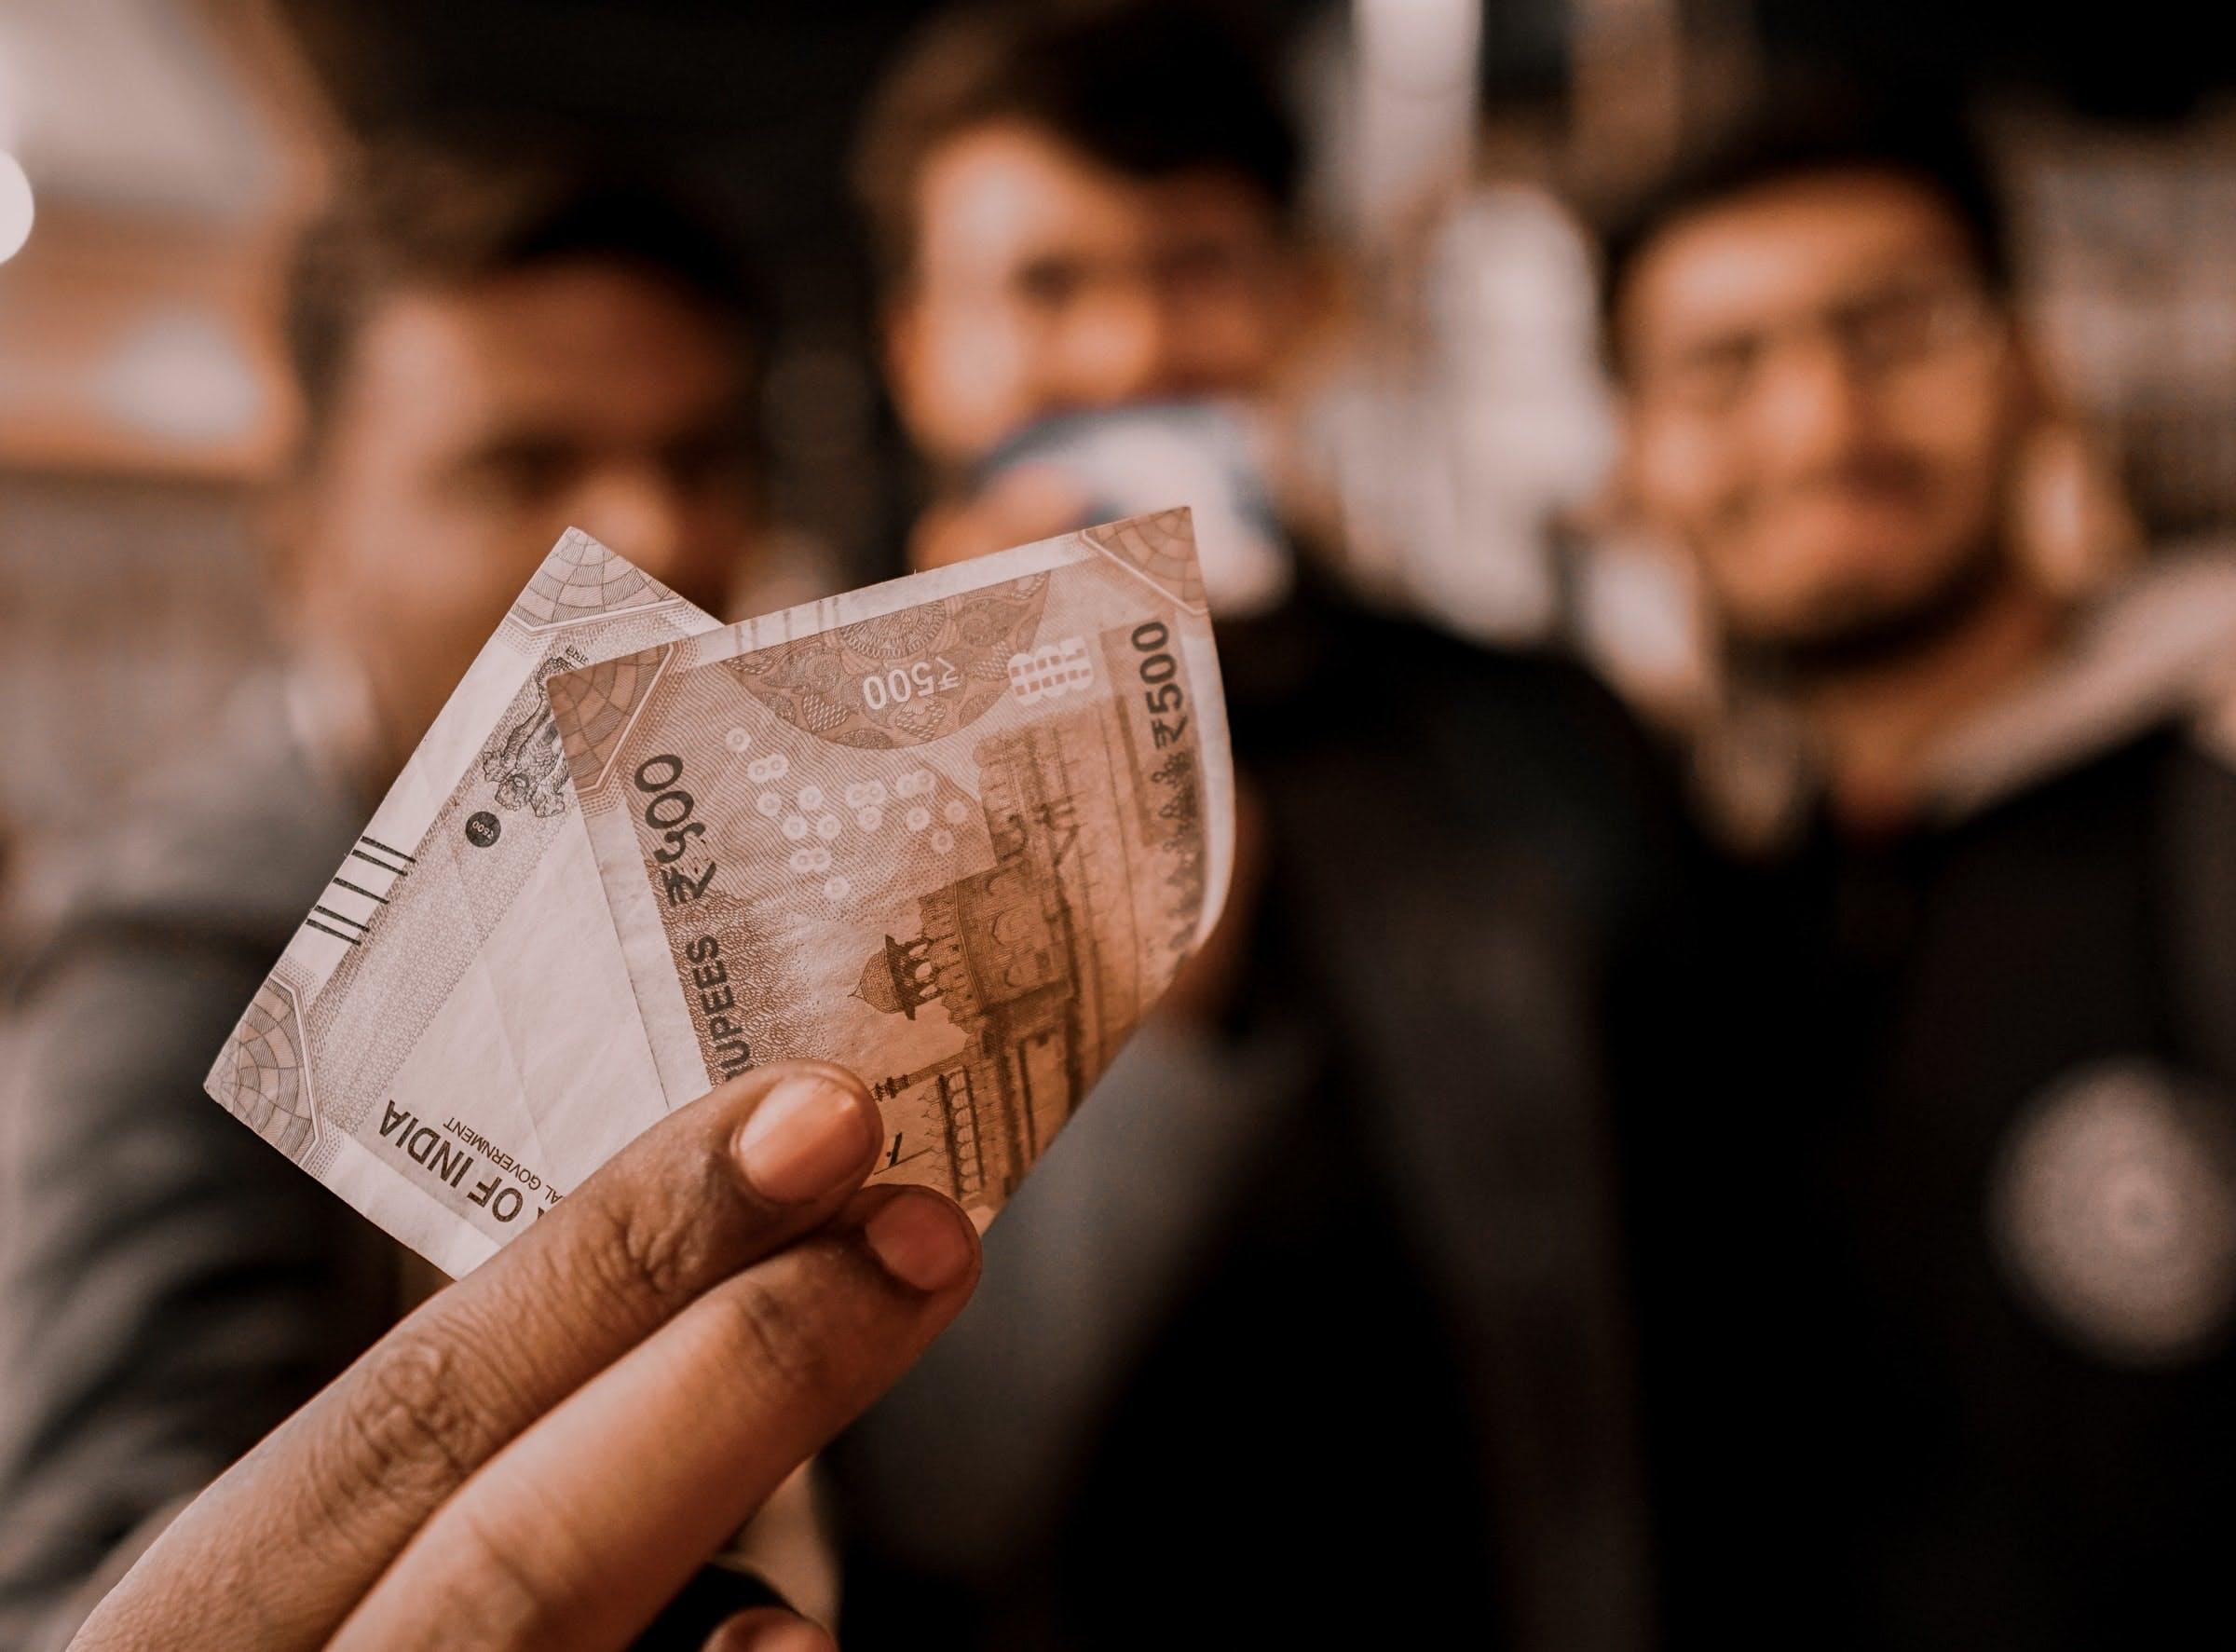 La gestación subrogada en India costo